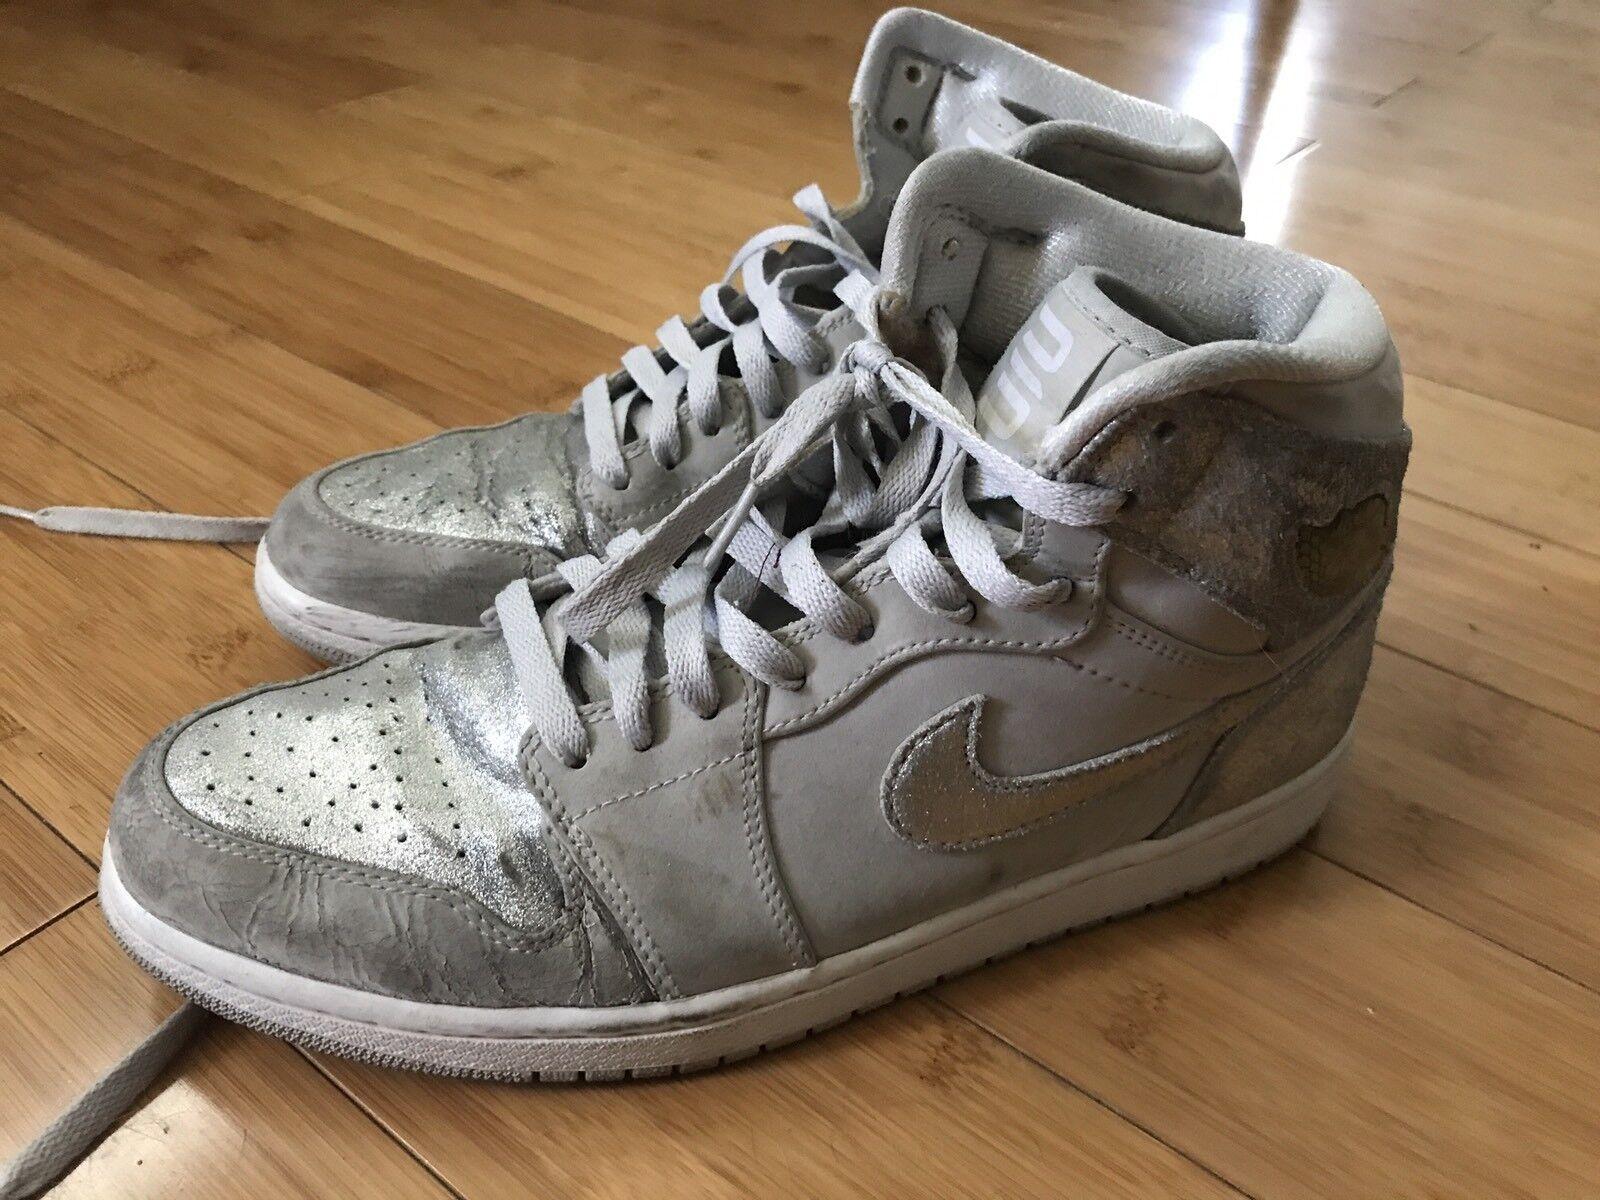 Nike Air Jordan 1 I Retro Hi Silver 25th Anniversary 2009 Mens Comfortable